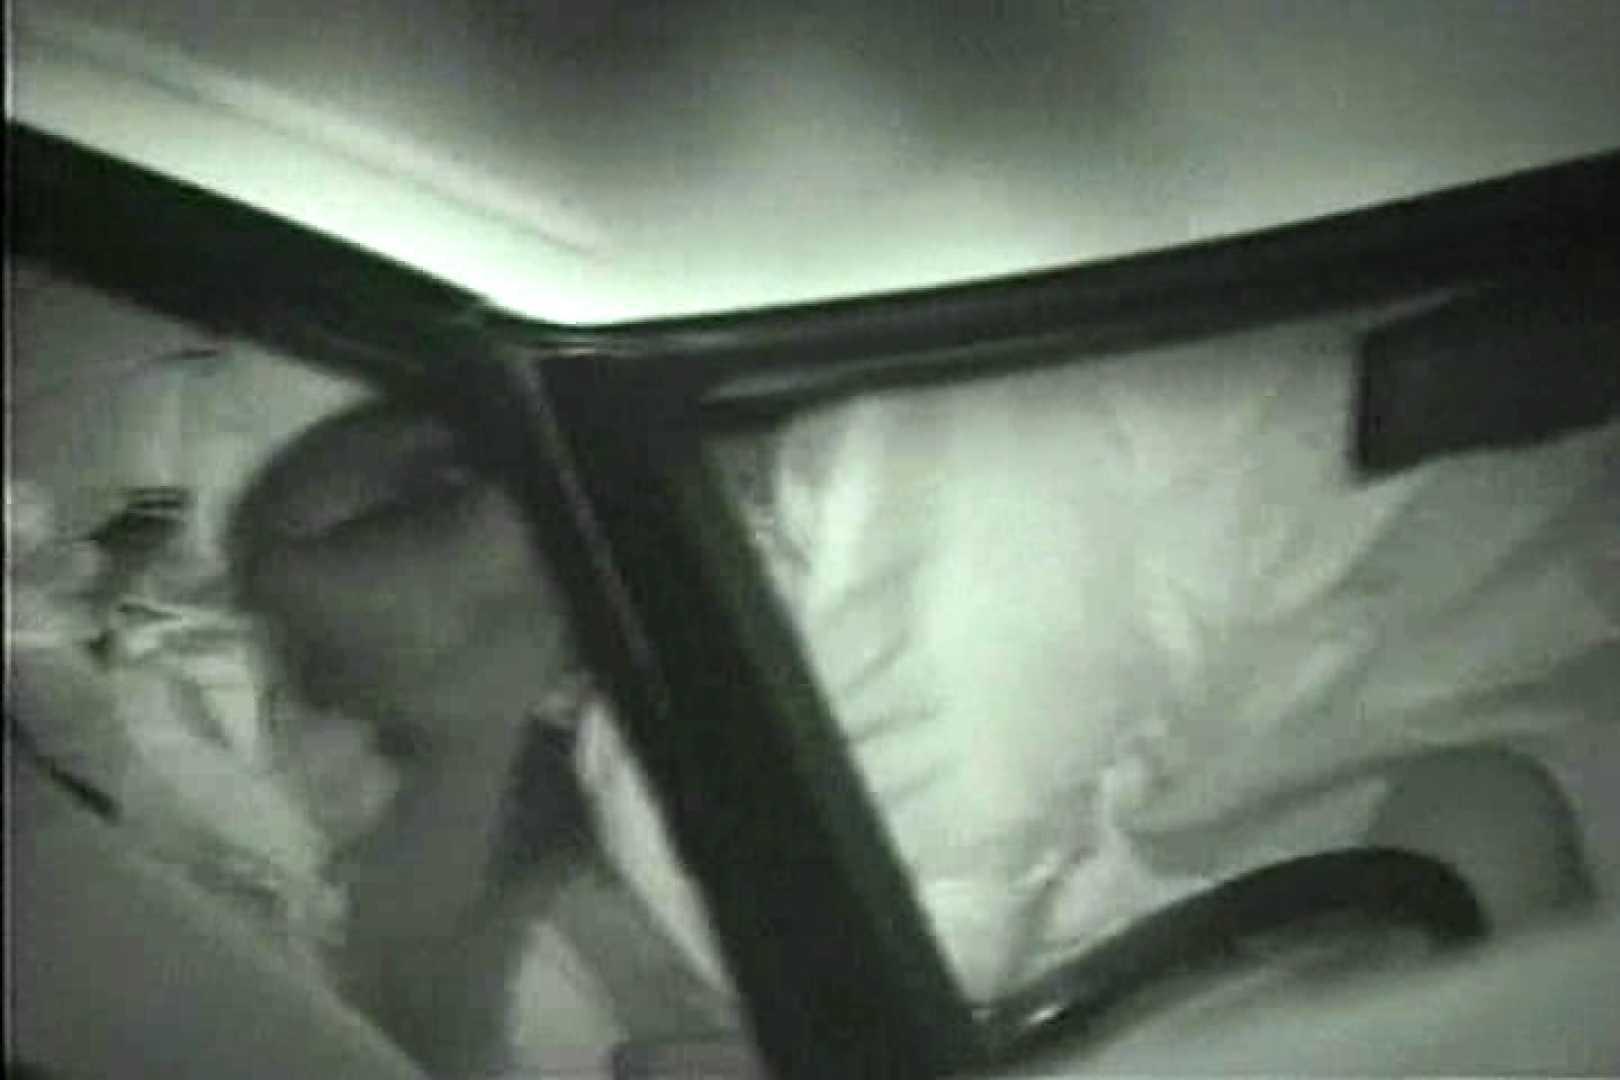 車の中はラブホテル 無修正版  Vol.9 望遠 盗撮ヌード画像 58pic 4